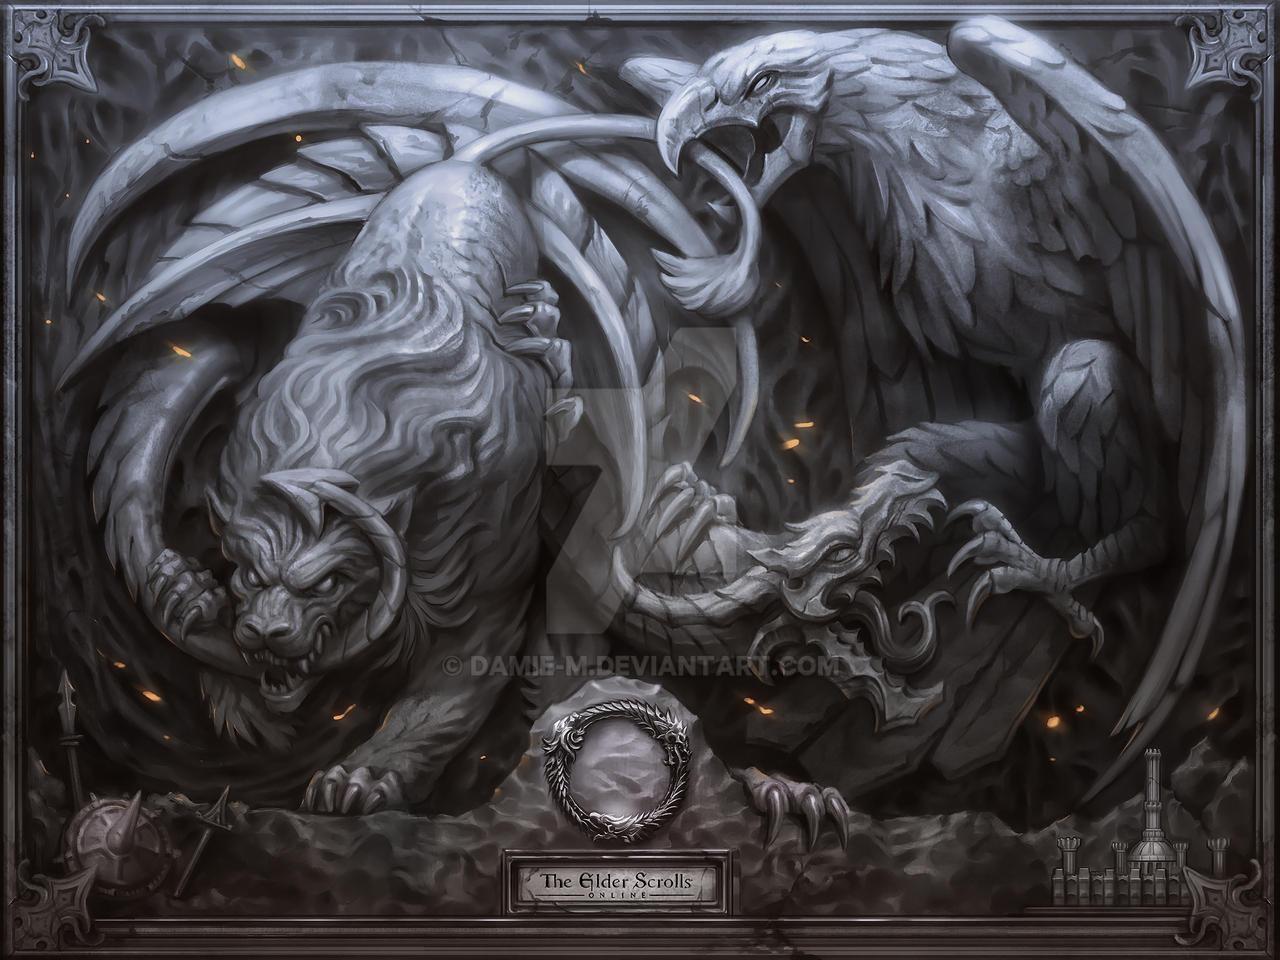 Elder Scrolls Online Poster by damie-m